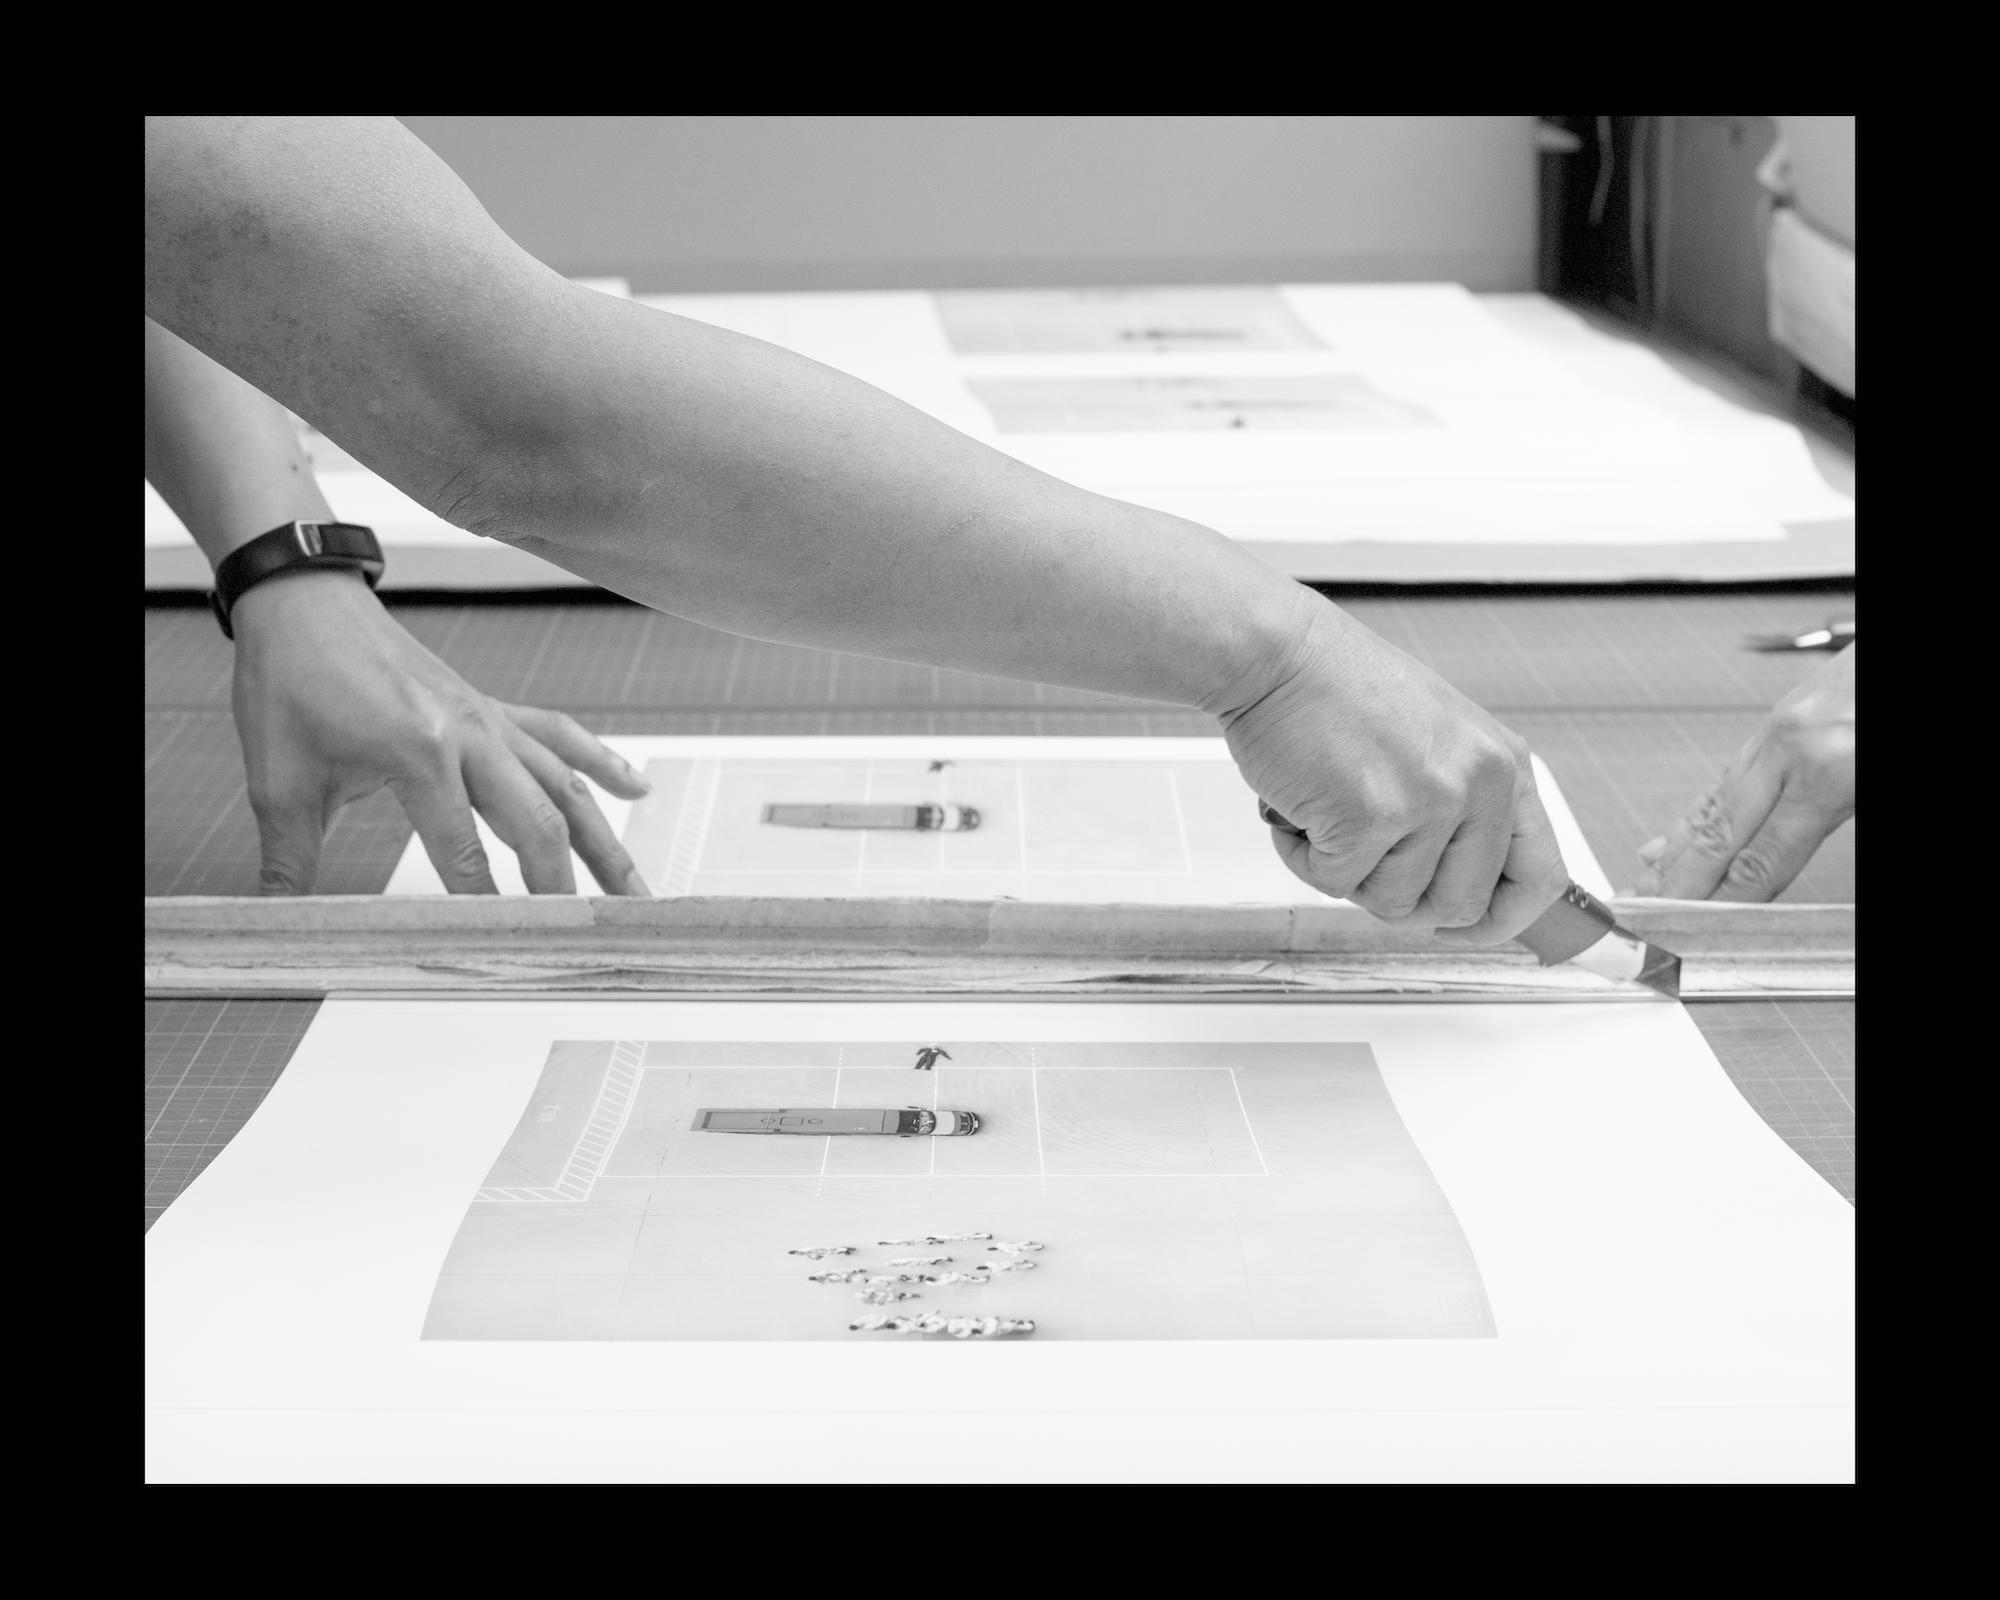 作品打印後裁成合適尺寸;陳的之作《柴灣消防局:第二天》。Cutting prints to size;  Chai Wan Fire Station Day 2  by CHAN Dick